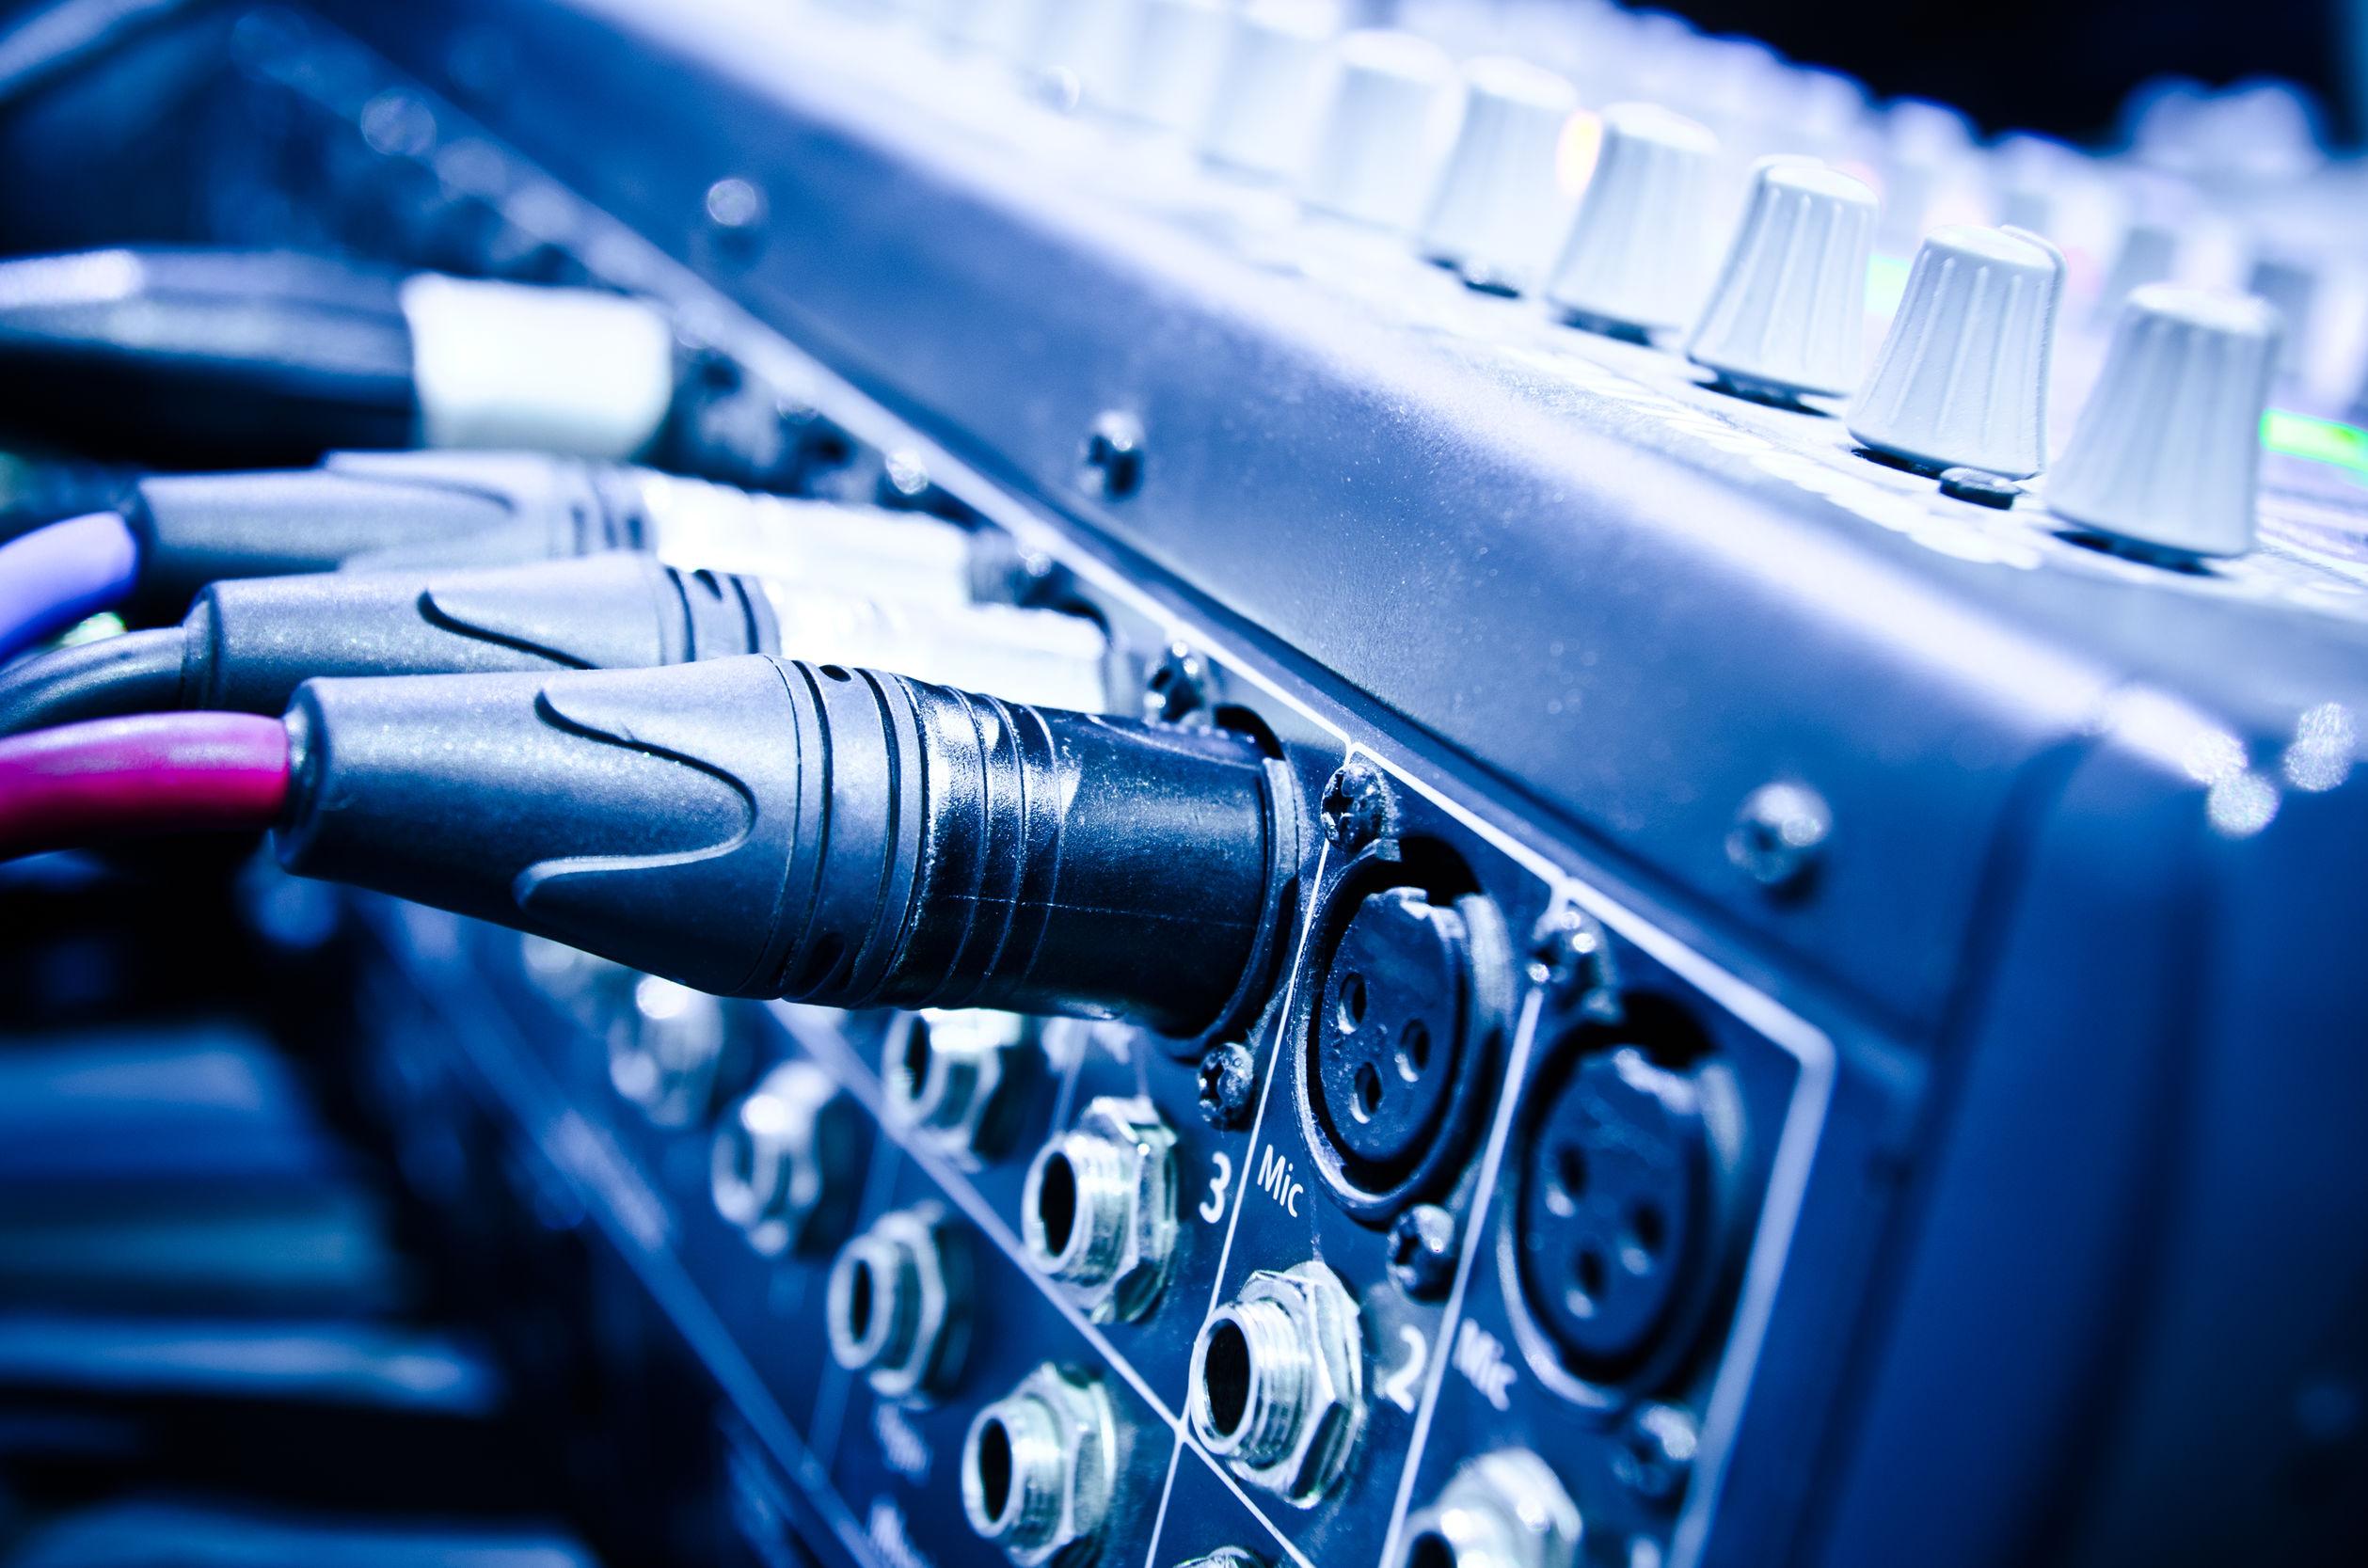 tarjeta de sonido con mezclador